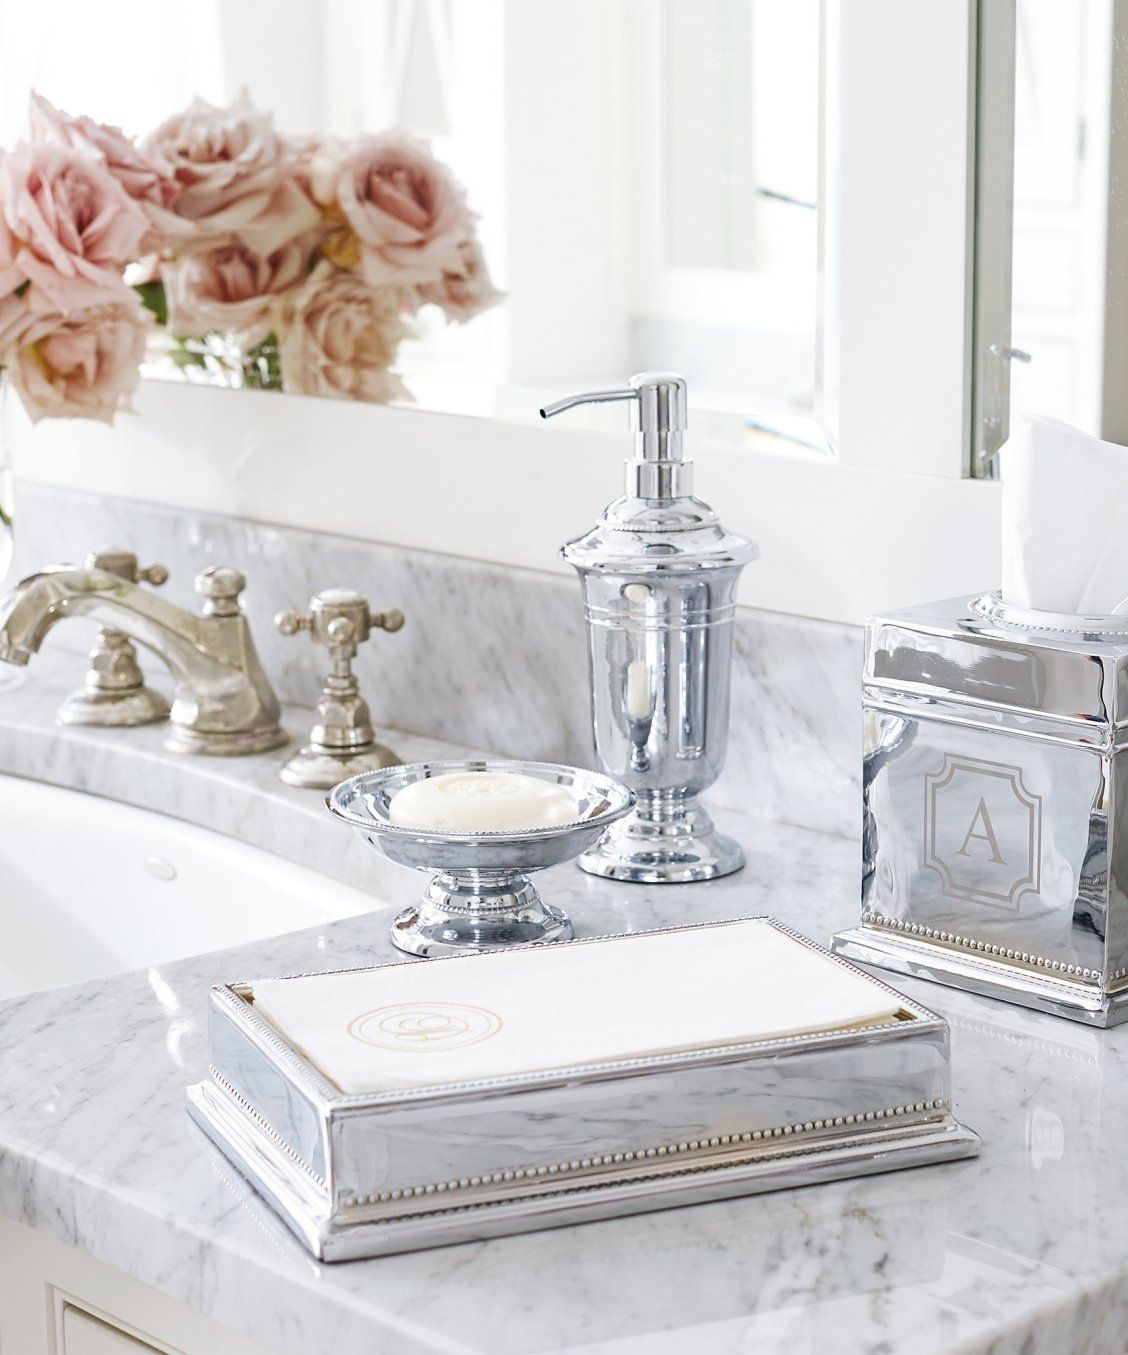 Maison Bath Accessories Bathroom Accessories Luxury Walk In